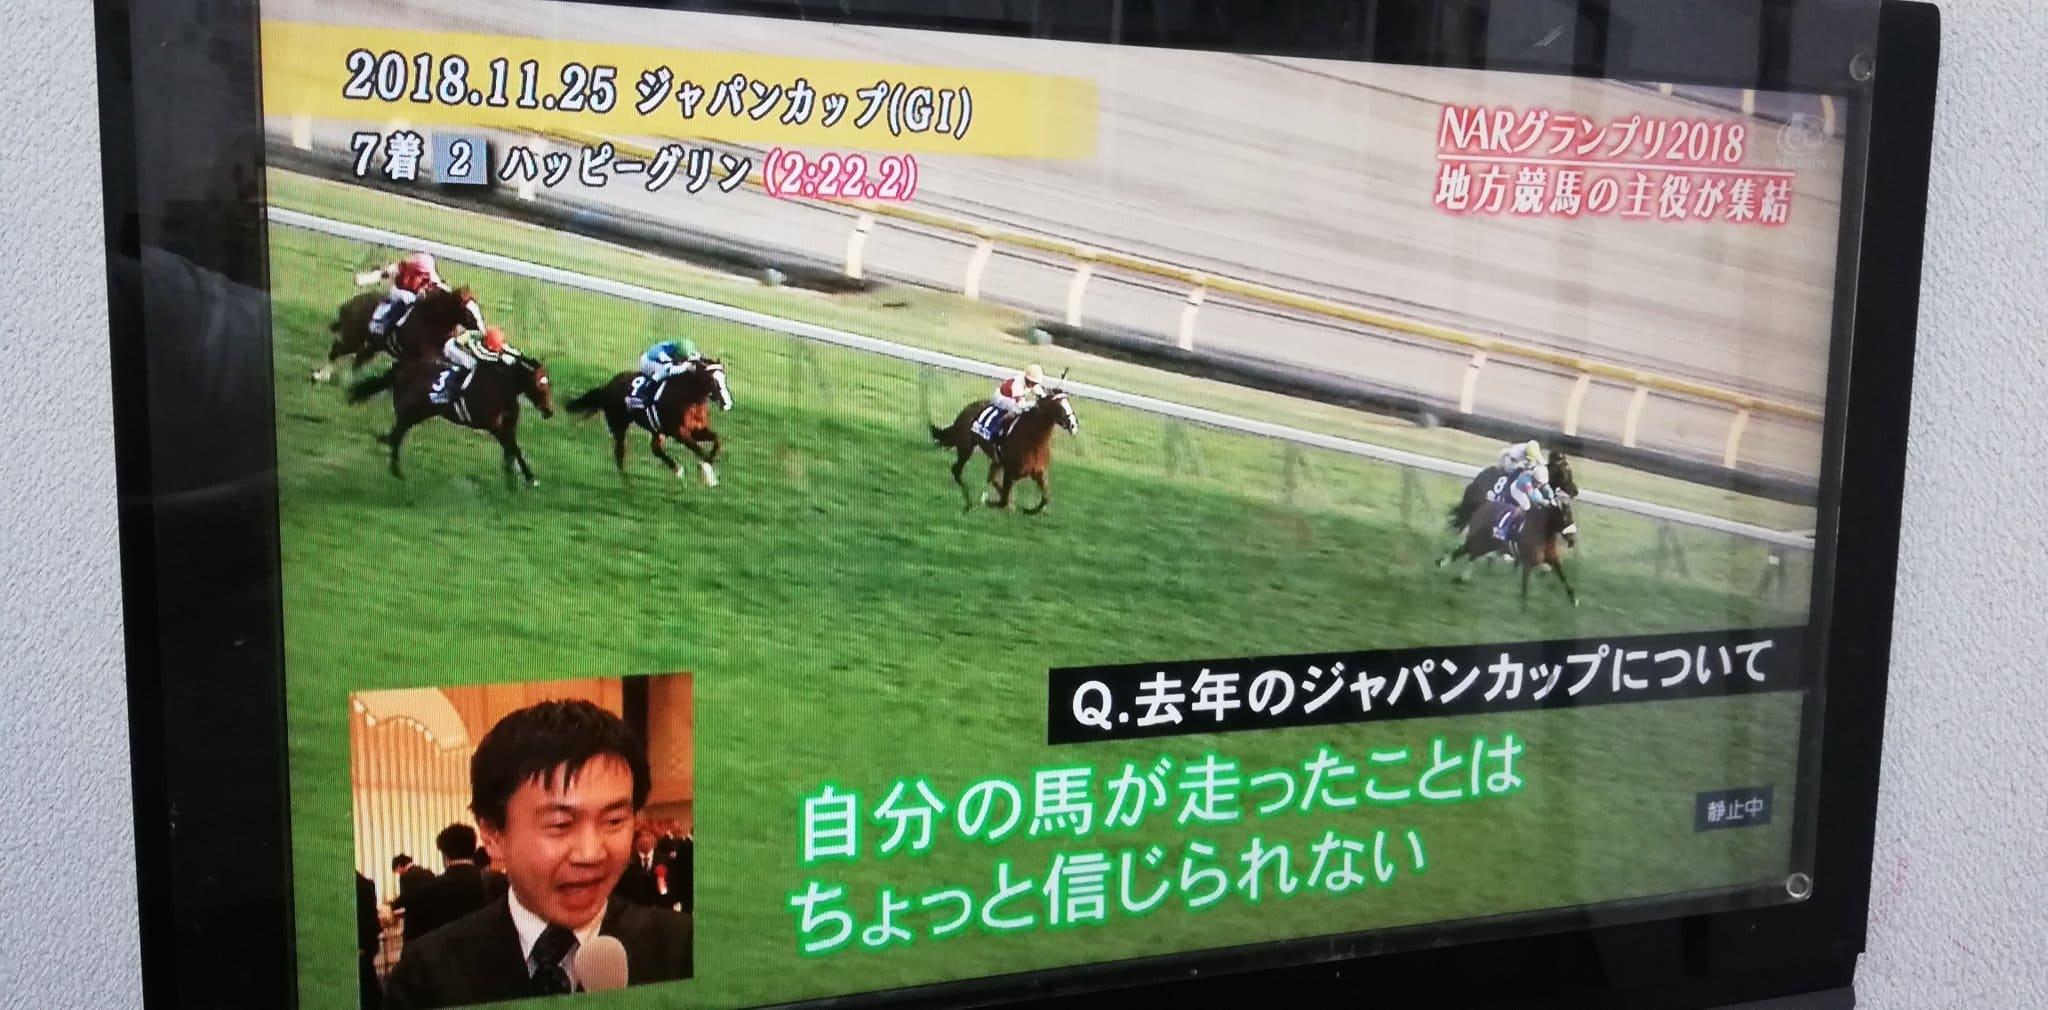 競馬展望プラス TV